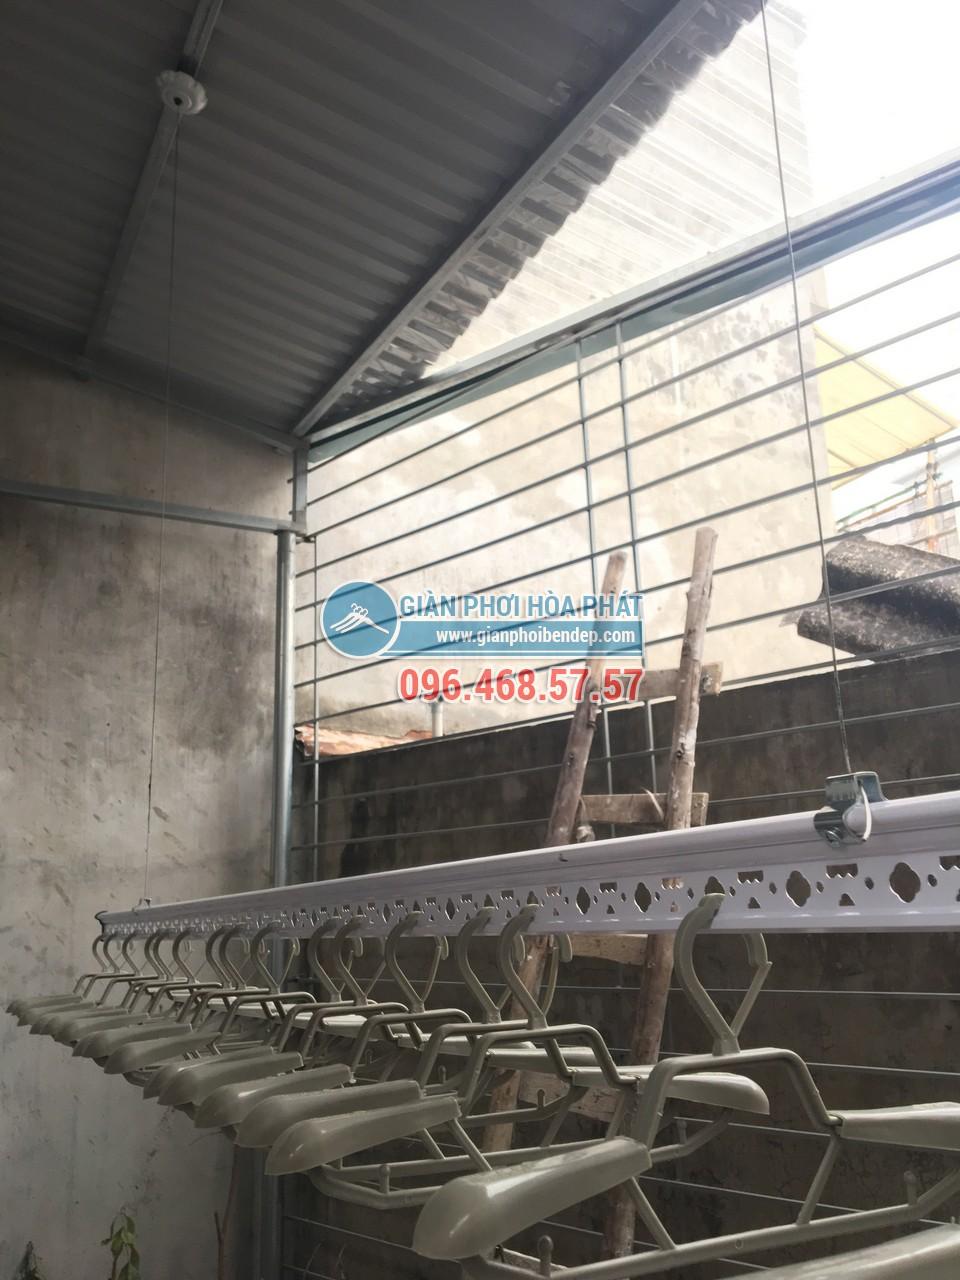 Lắp giàn phơi thông minh cho sân phơi bằng mái tôn nhà anh Chiến, Nguyễn Ngọc Nại - 06